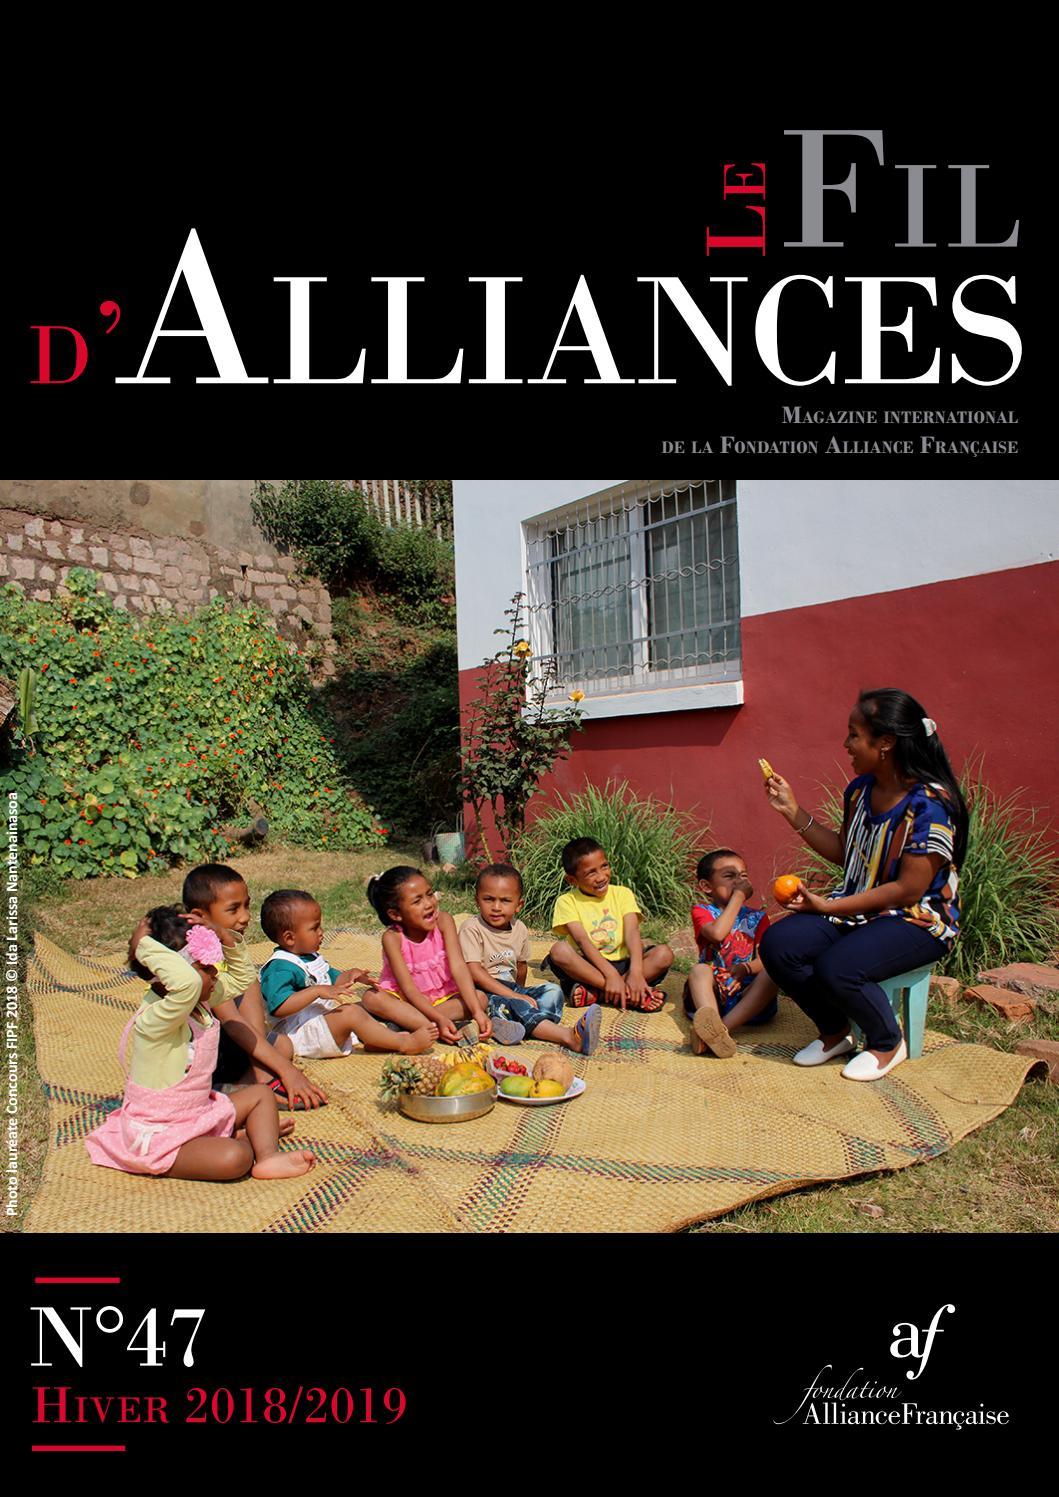 Périmètre Du Mur D Aurélien fil d'alliances n°47 - janvier 2019fondation alliance